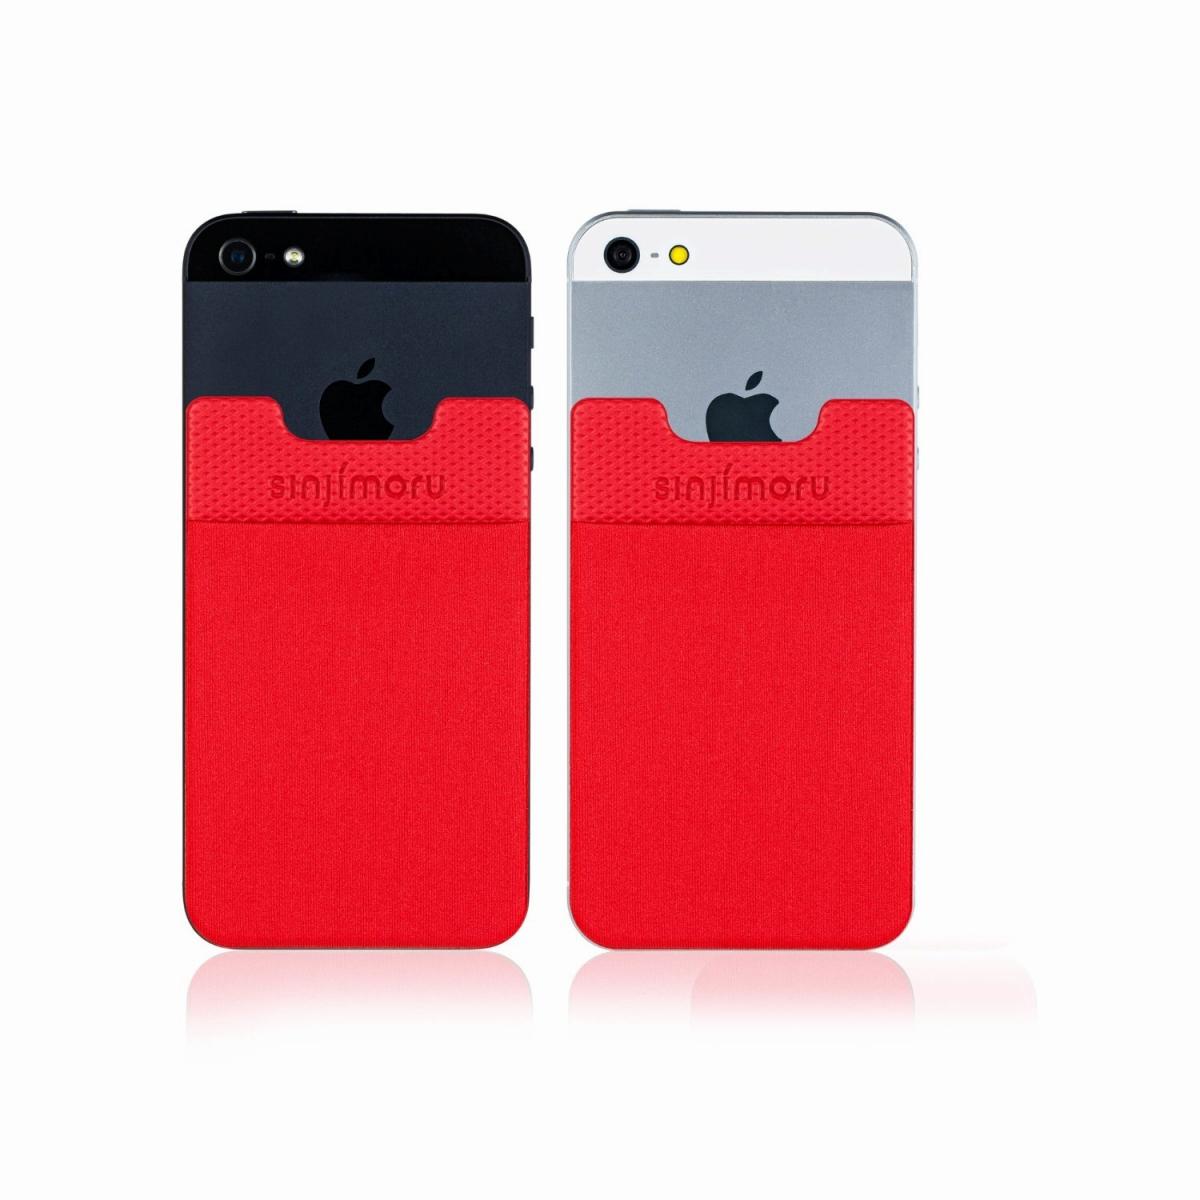 スマートフォンやタブレットなどに貼って剥がせるステッカーブルポケット 送料無料 ROOX ショップ ステッカーブルポケット Sinji Pouch Basic2 レッド スマホアクセ icカード カード 便利 iPhone 激安 安心の実績 高価 買取 強化中 アイフォーンスマートフォン スマホ 簡単 背面ポケット 人気 アイフォン ステッカーポケット 収納ポケット